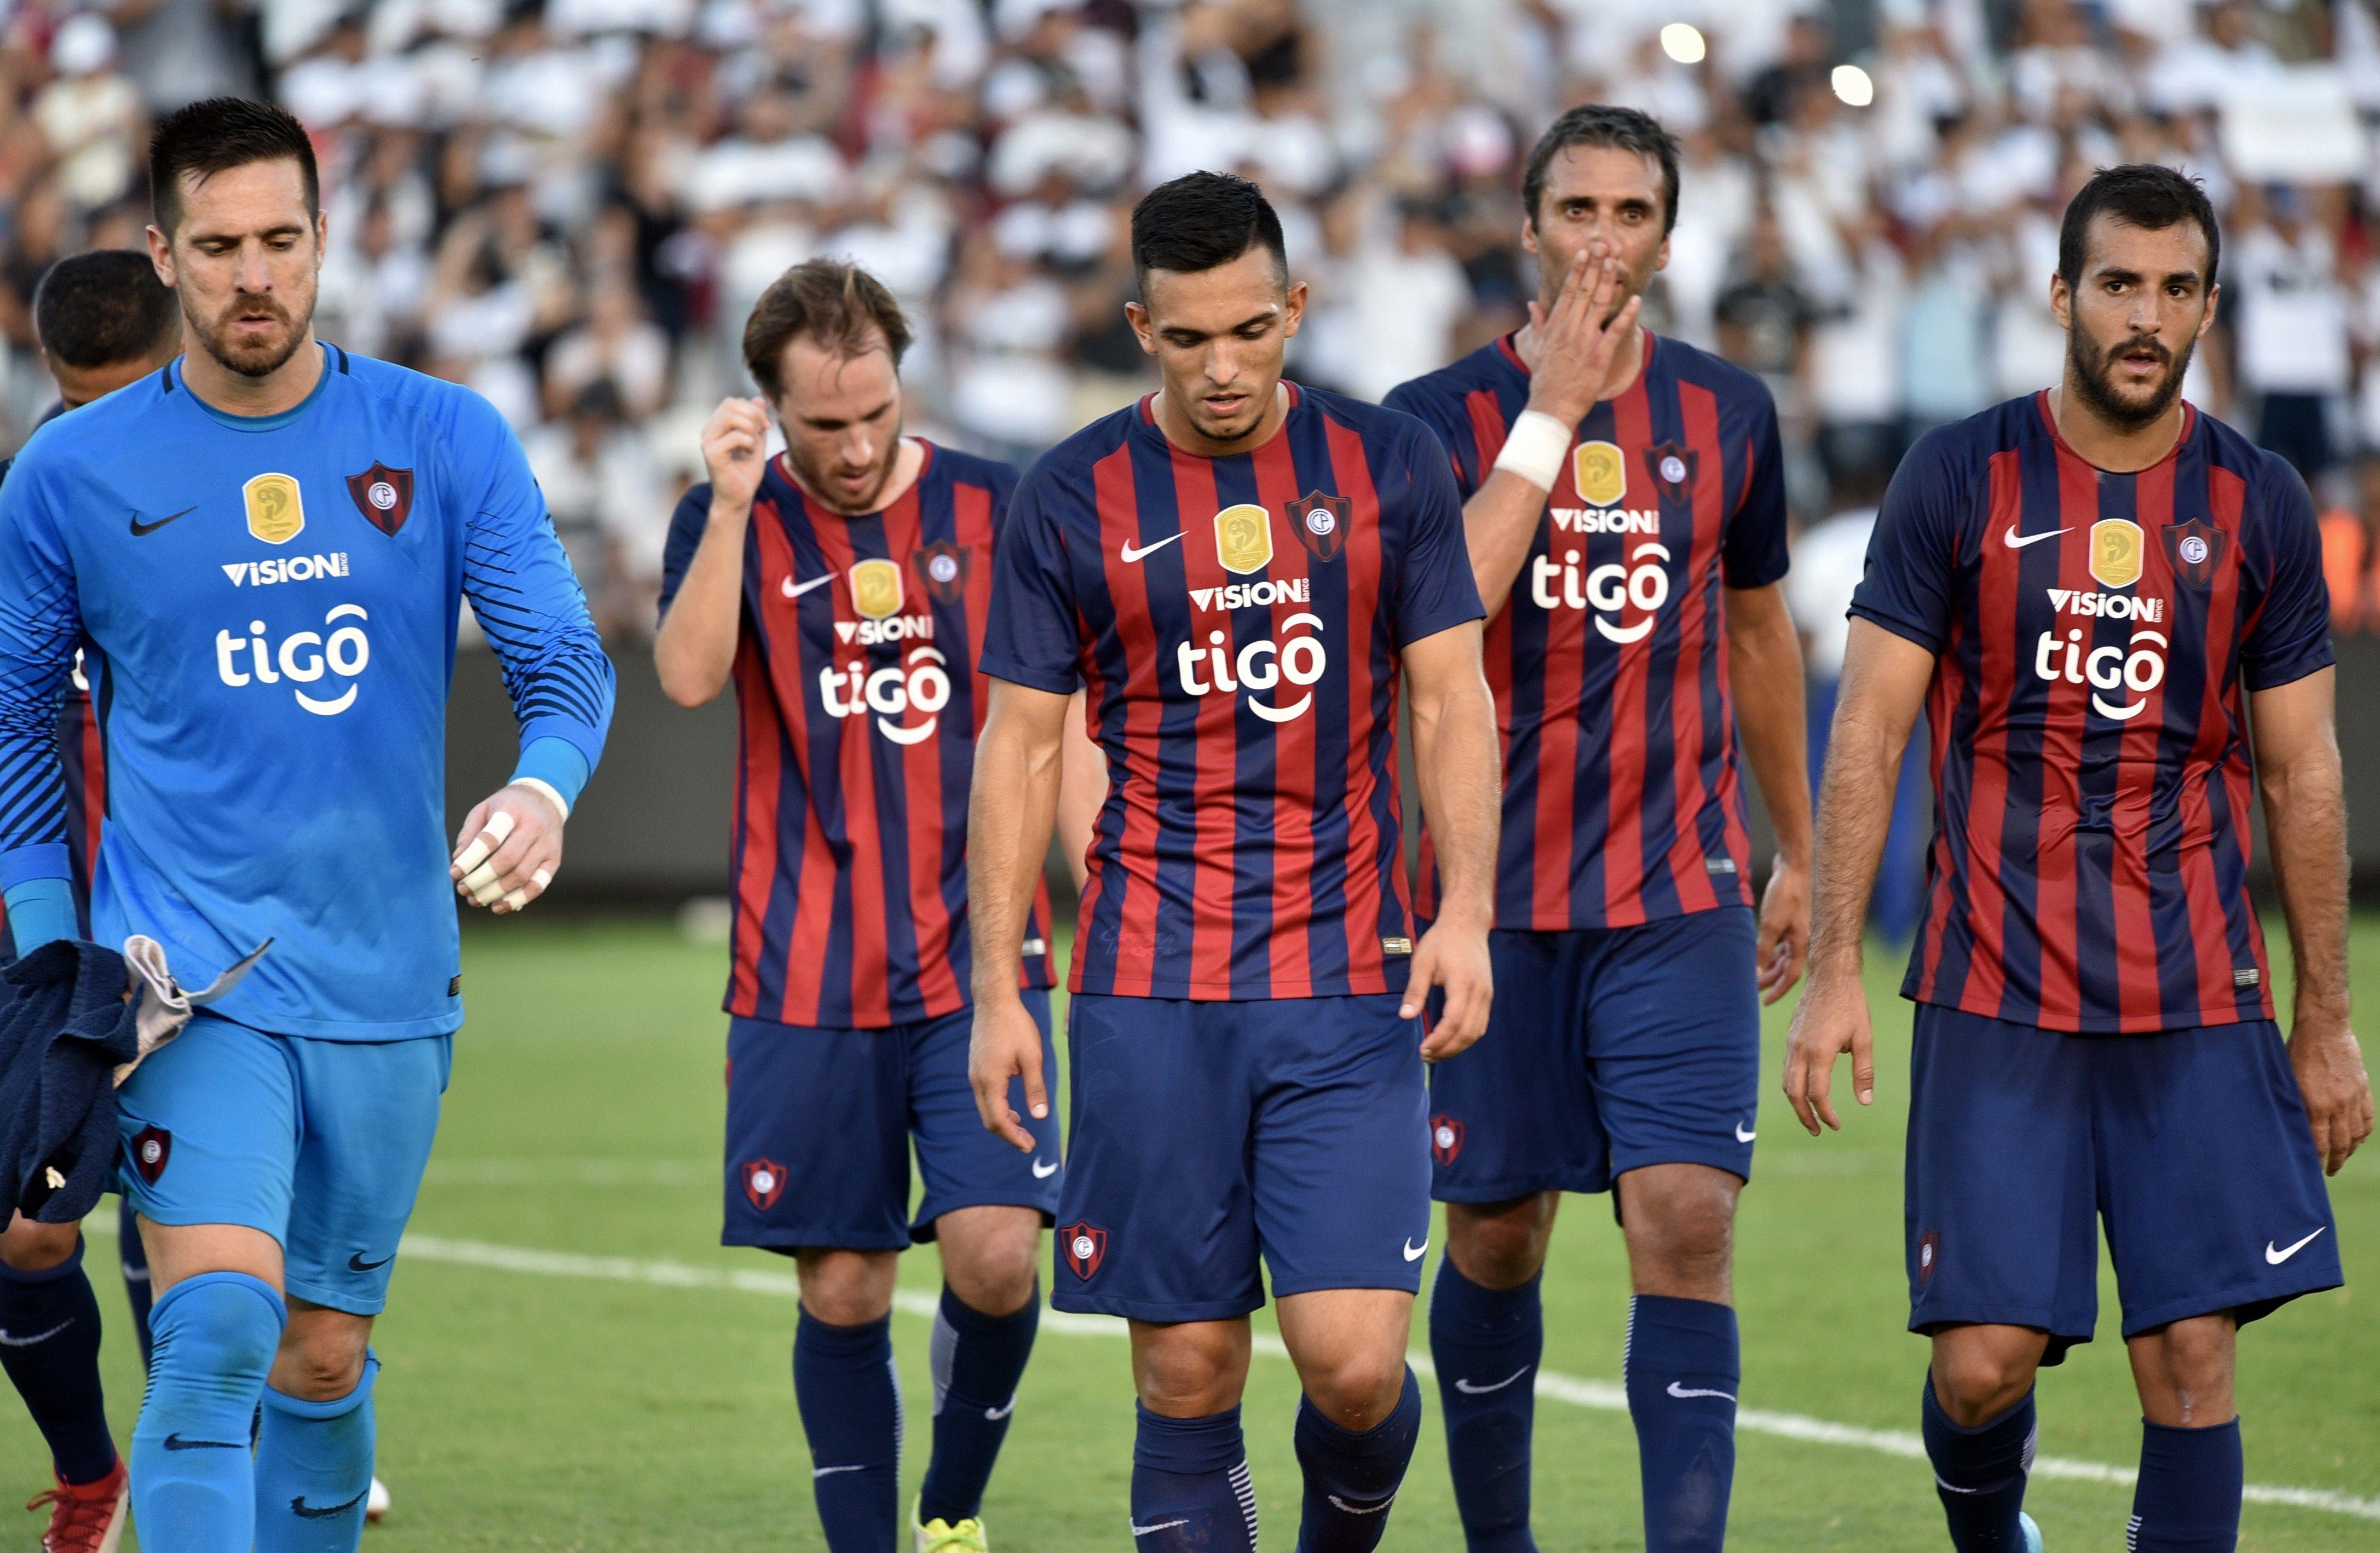 Zubeldía deberá buscar variantes en el equipo. Foto: Sergio Daniel Riveros